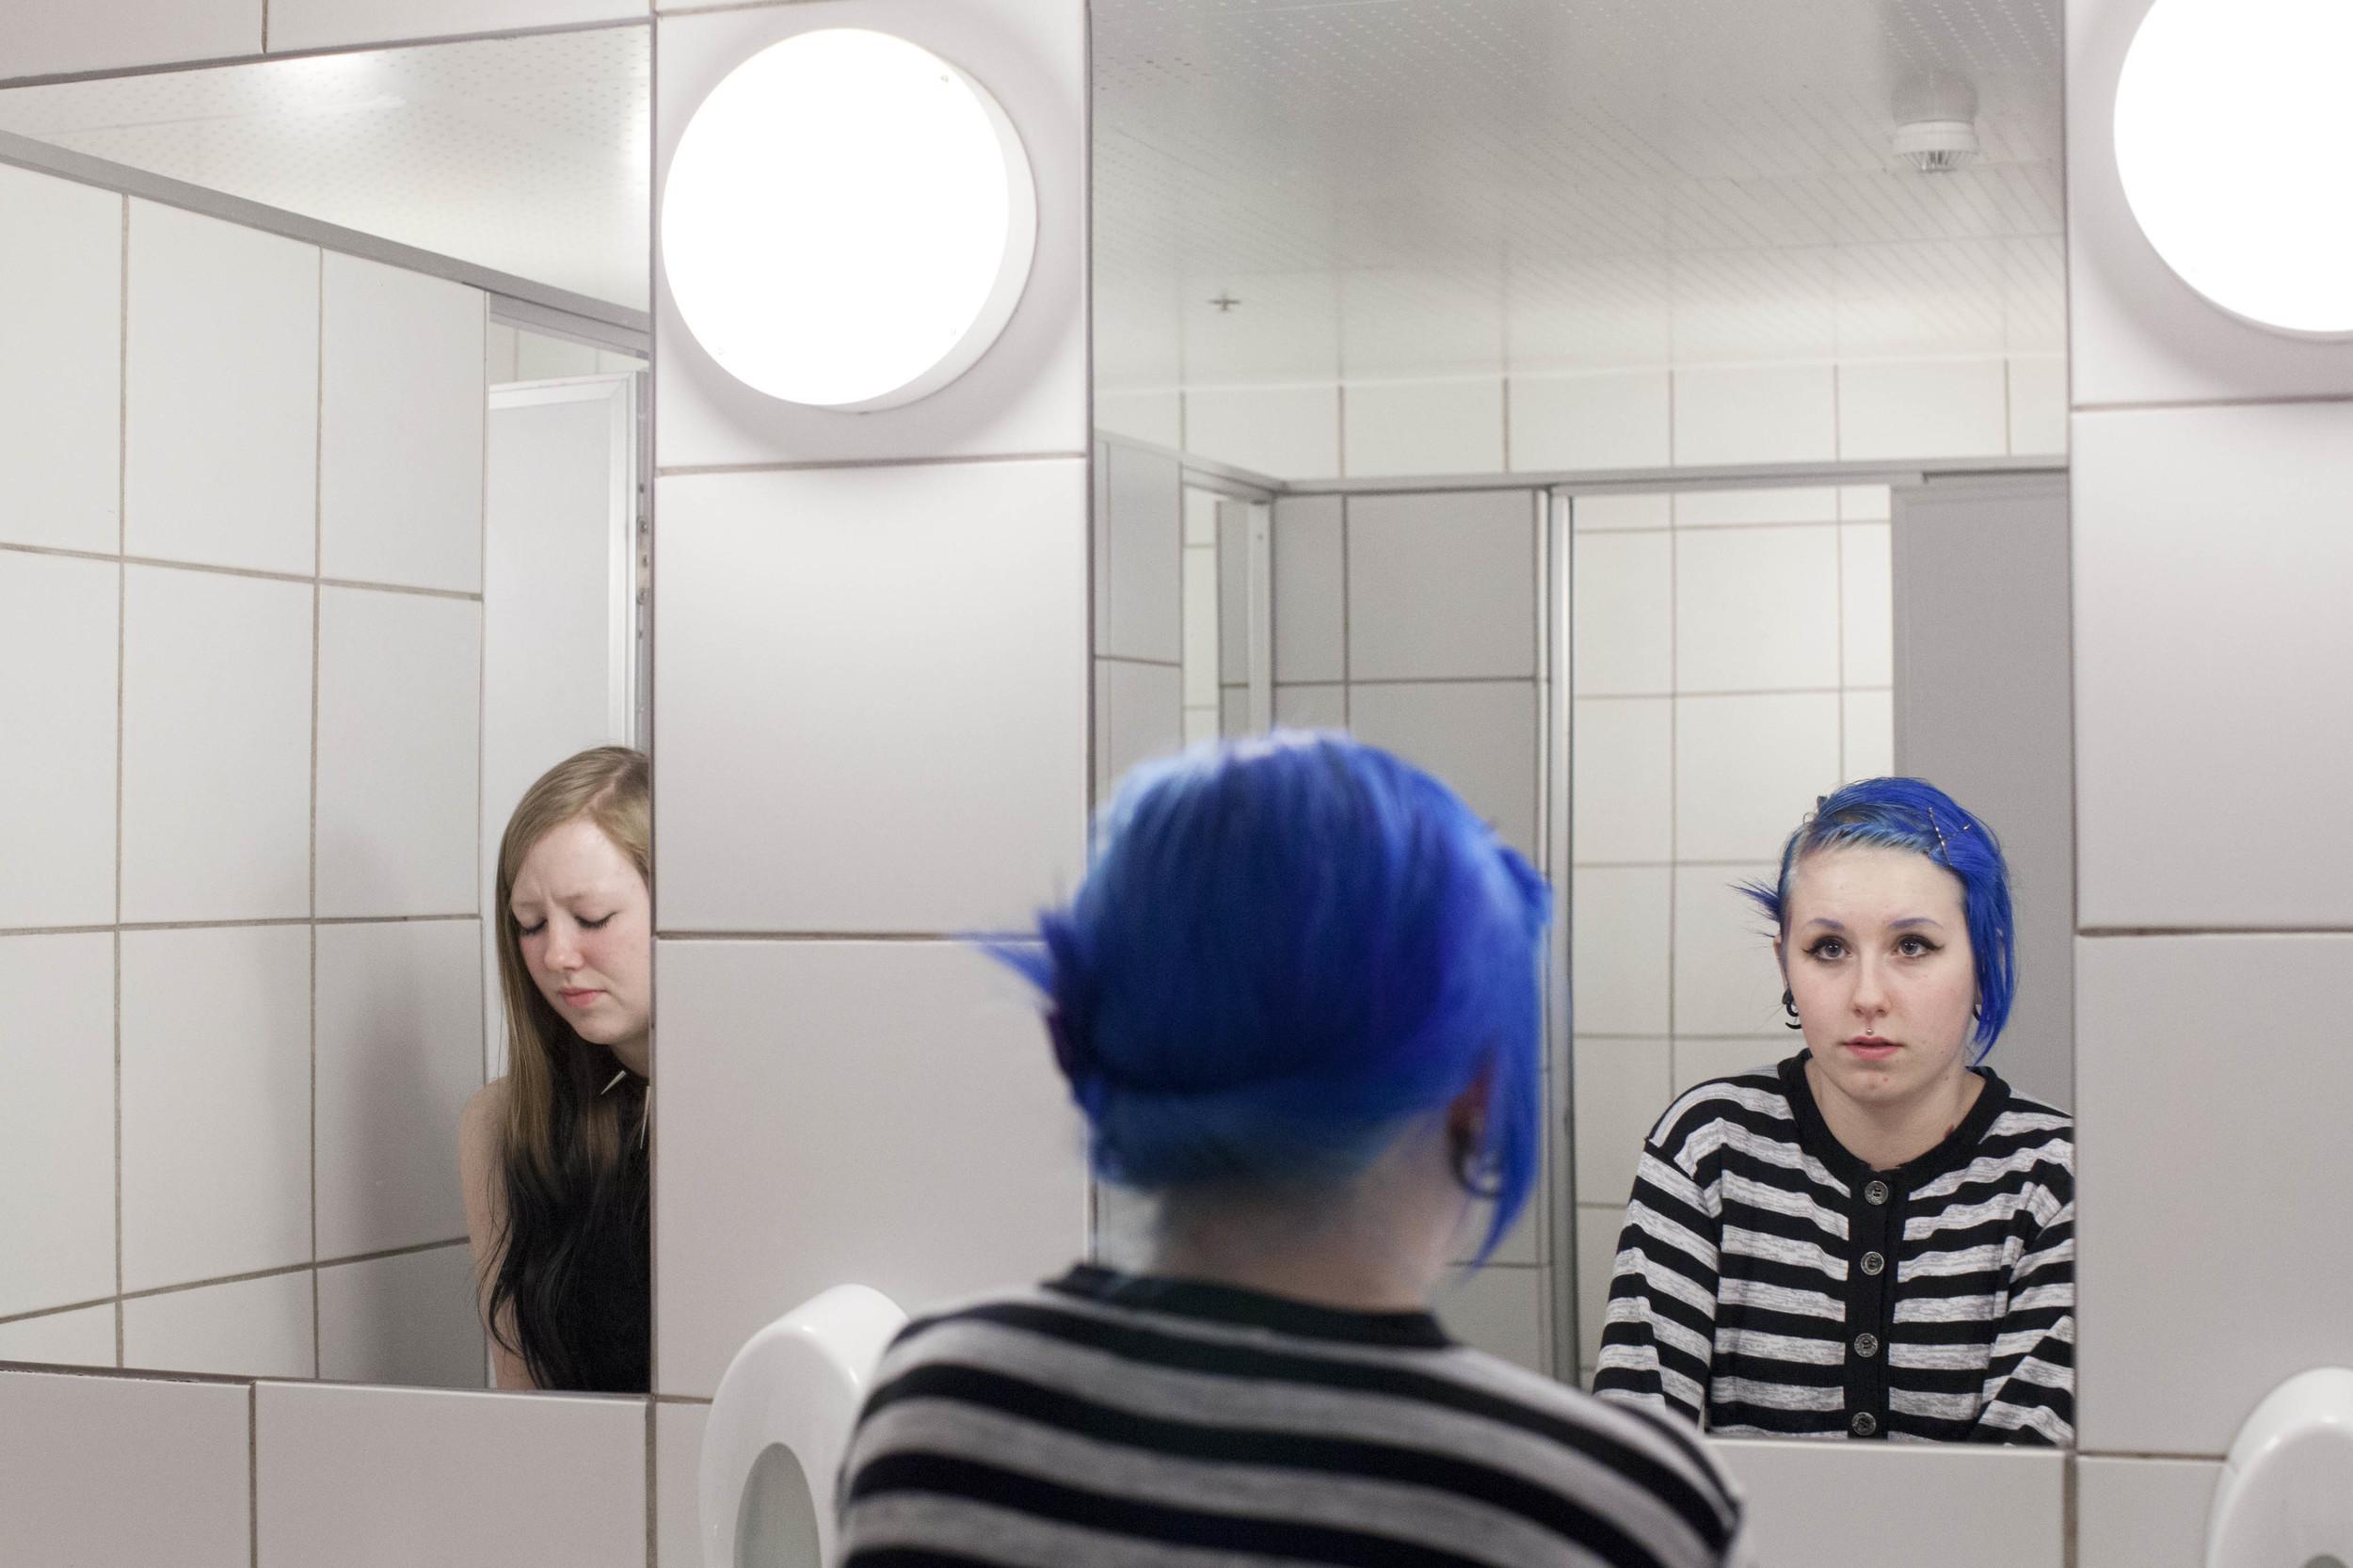 """Kristin """"Billy"""" Benjaminsen and Henriette Prytz at the public toilet downtown Stavanger."""